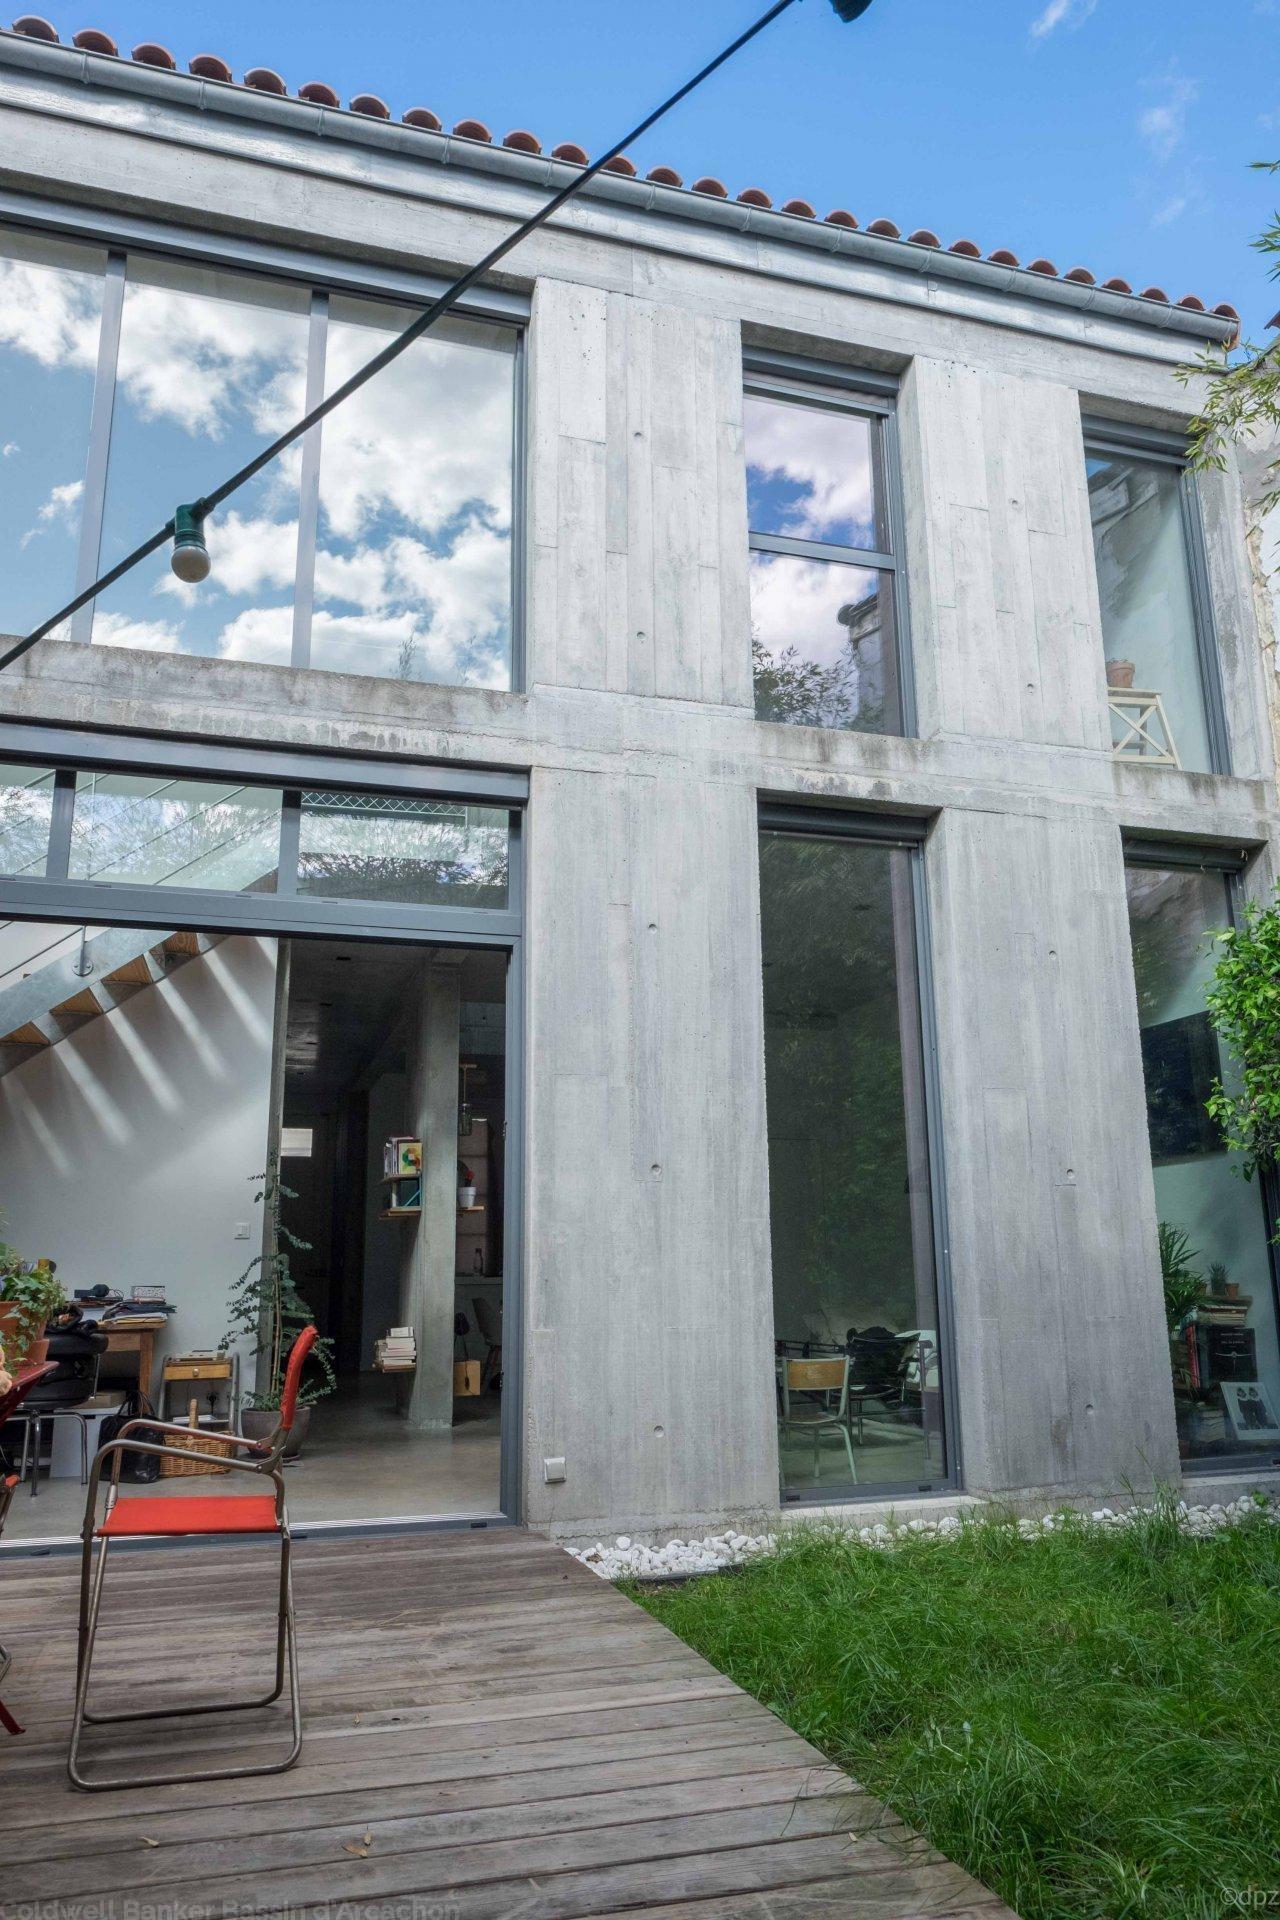 Vente maison villa bordeaux centre ville loft r nov for Appartement location bordeaux centre ville